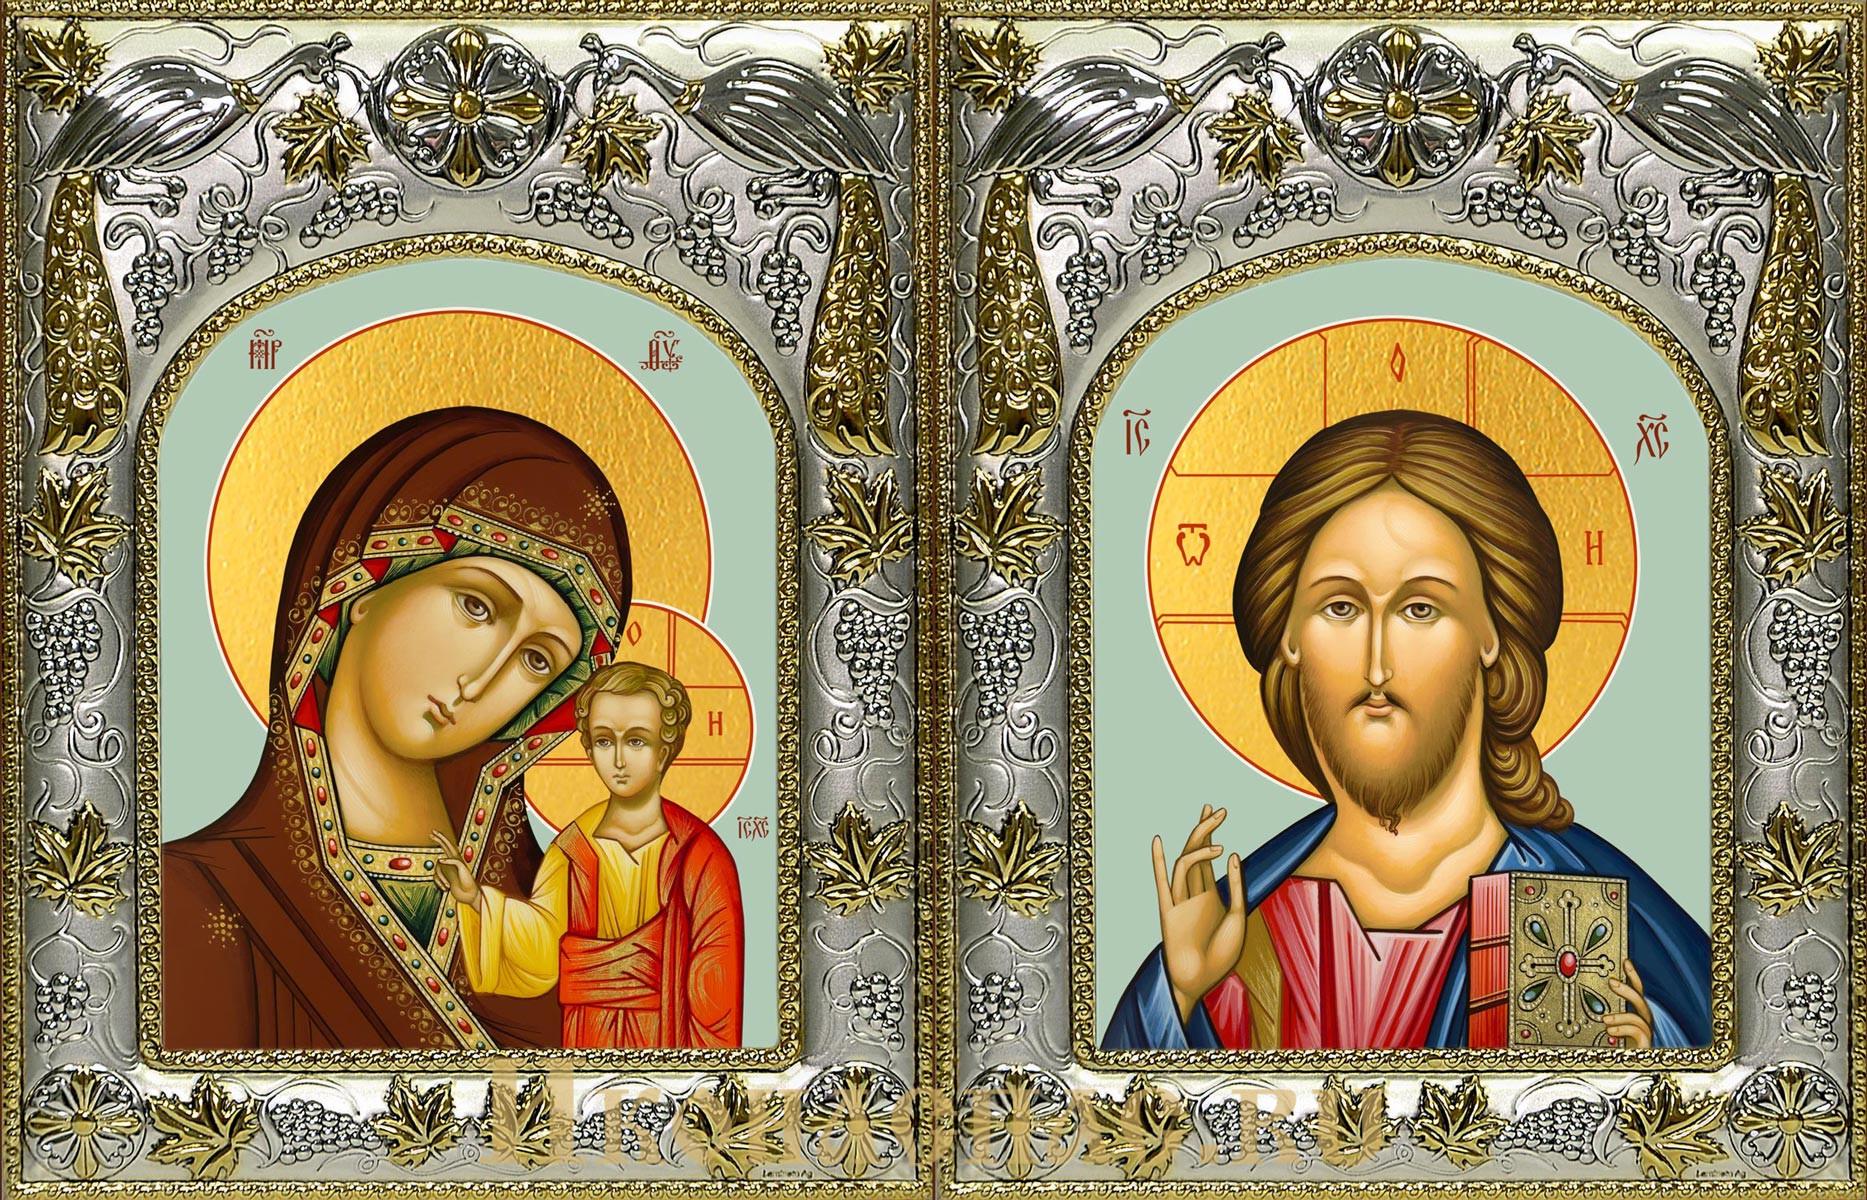 купить венчальную пару икон Господь Вседержитель и Казанская икона Божьей Матери